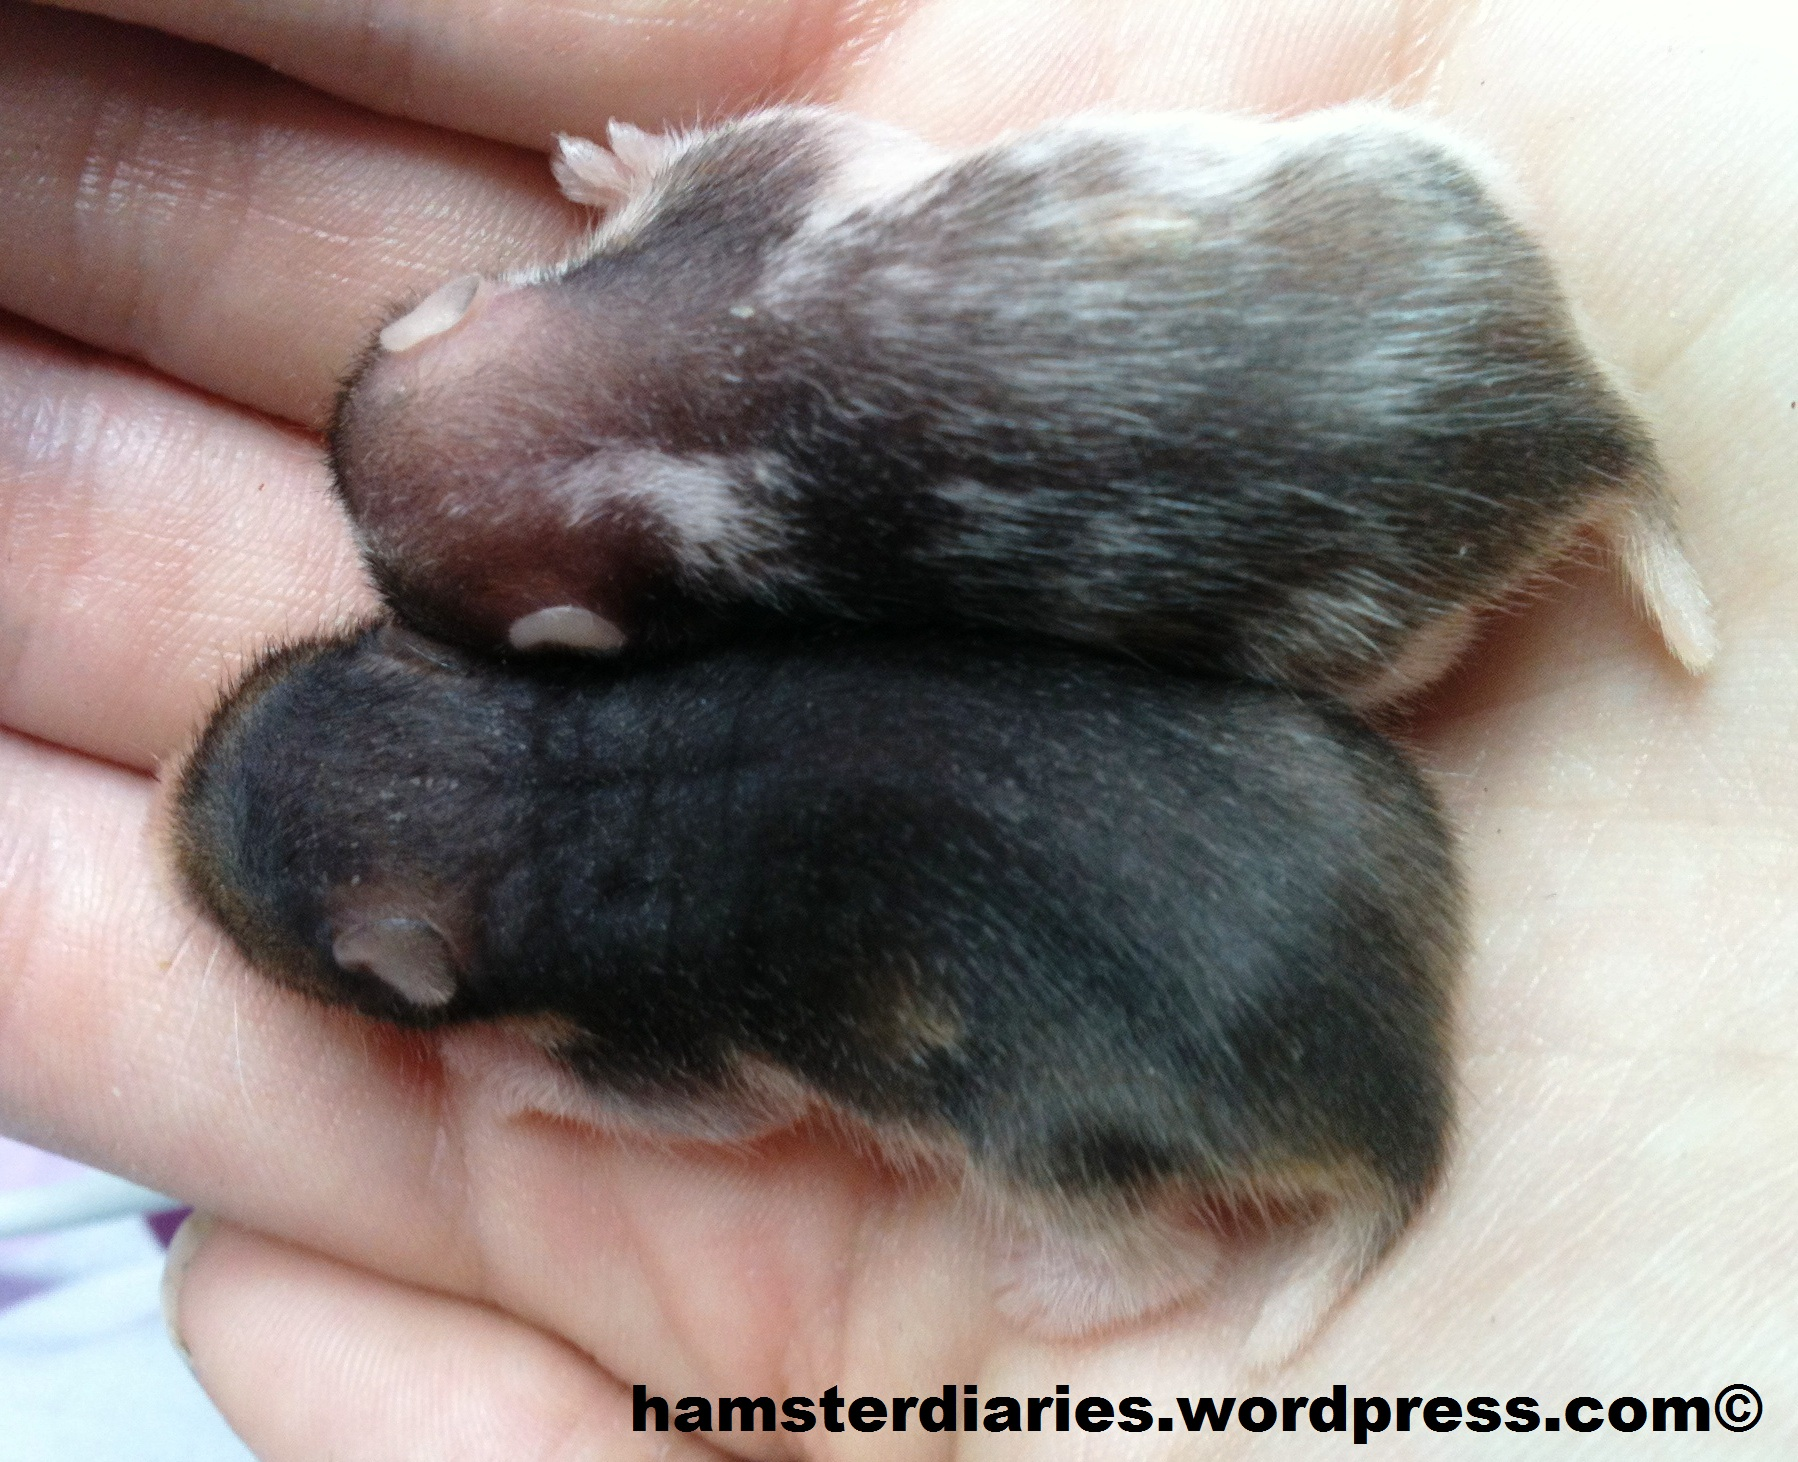 baby hamsters | HamsterDiaries